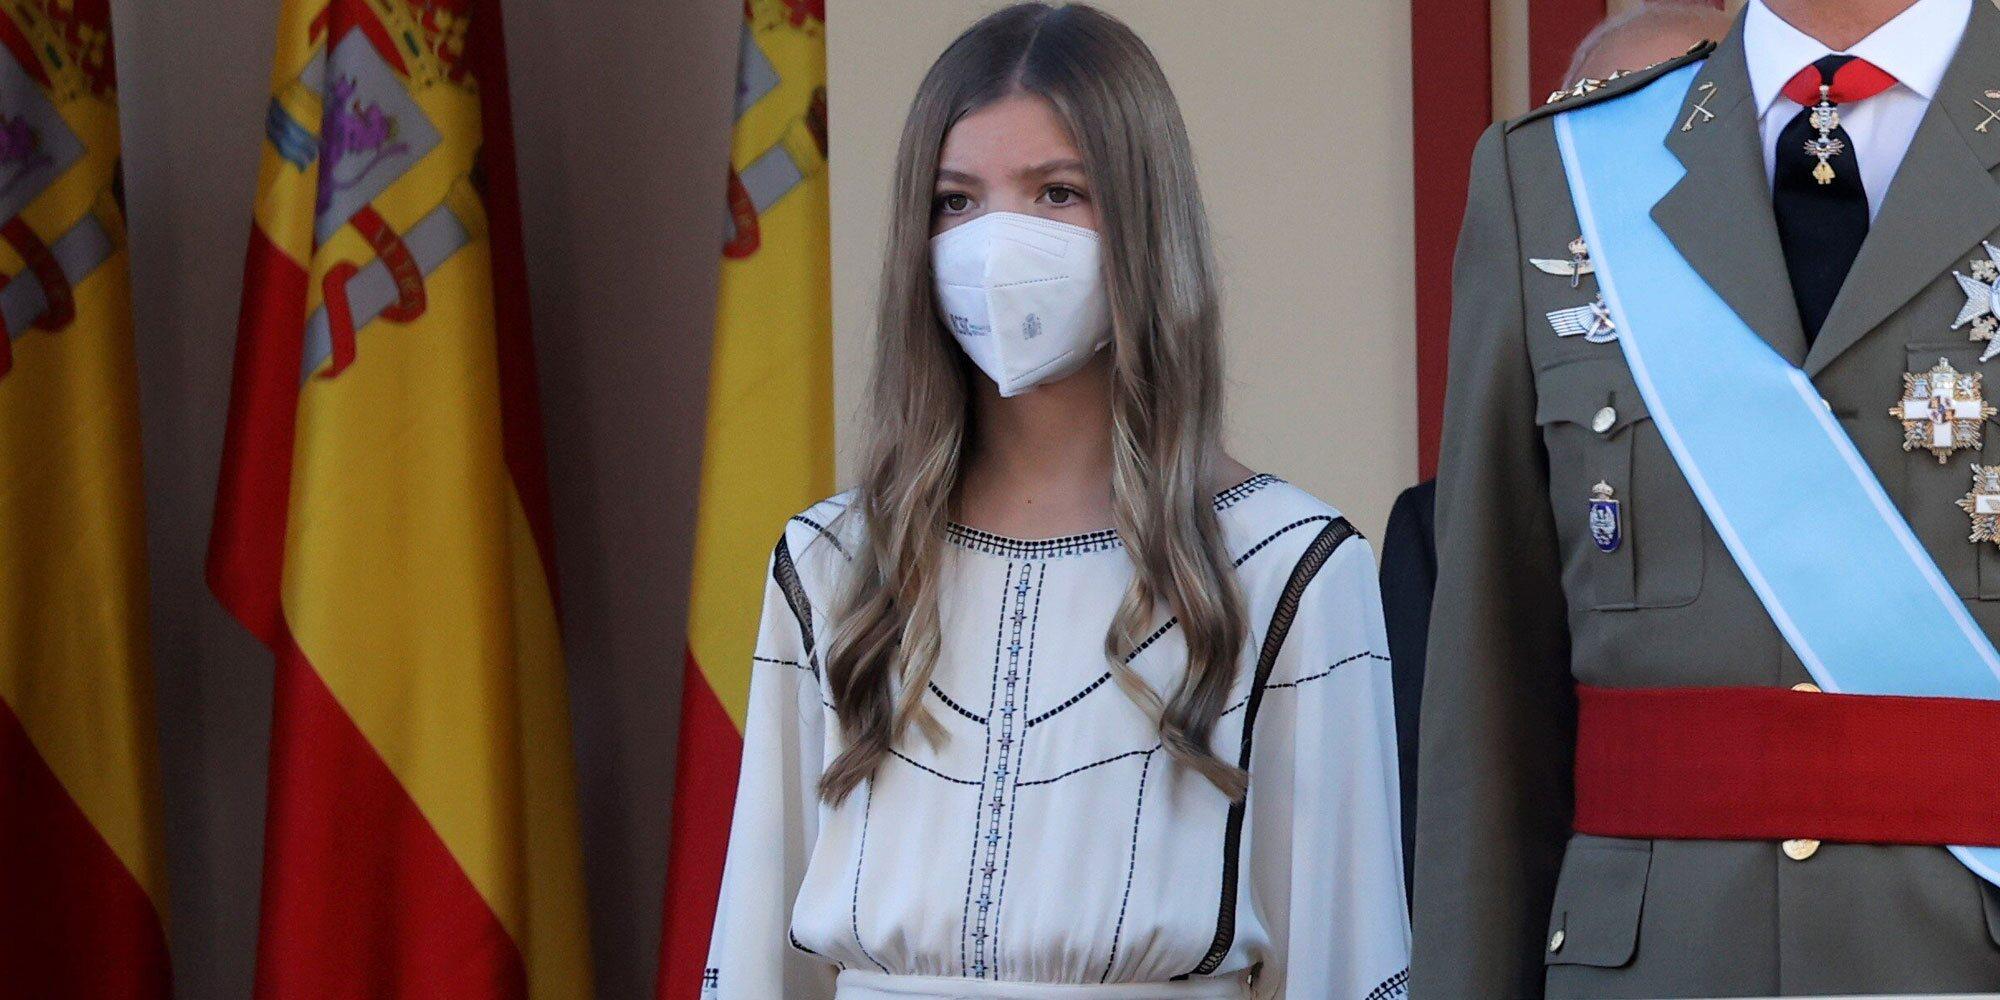 La Infanta Sofía 'cubre' la ausencia de la Princesa Leonor en el Día de la Hispanidad 2021: sin estandarte pero con posición